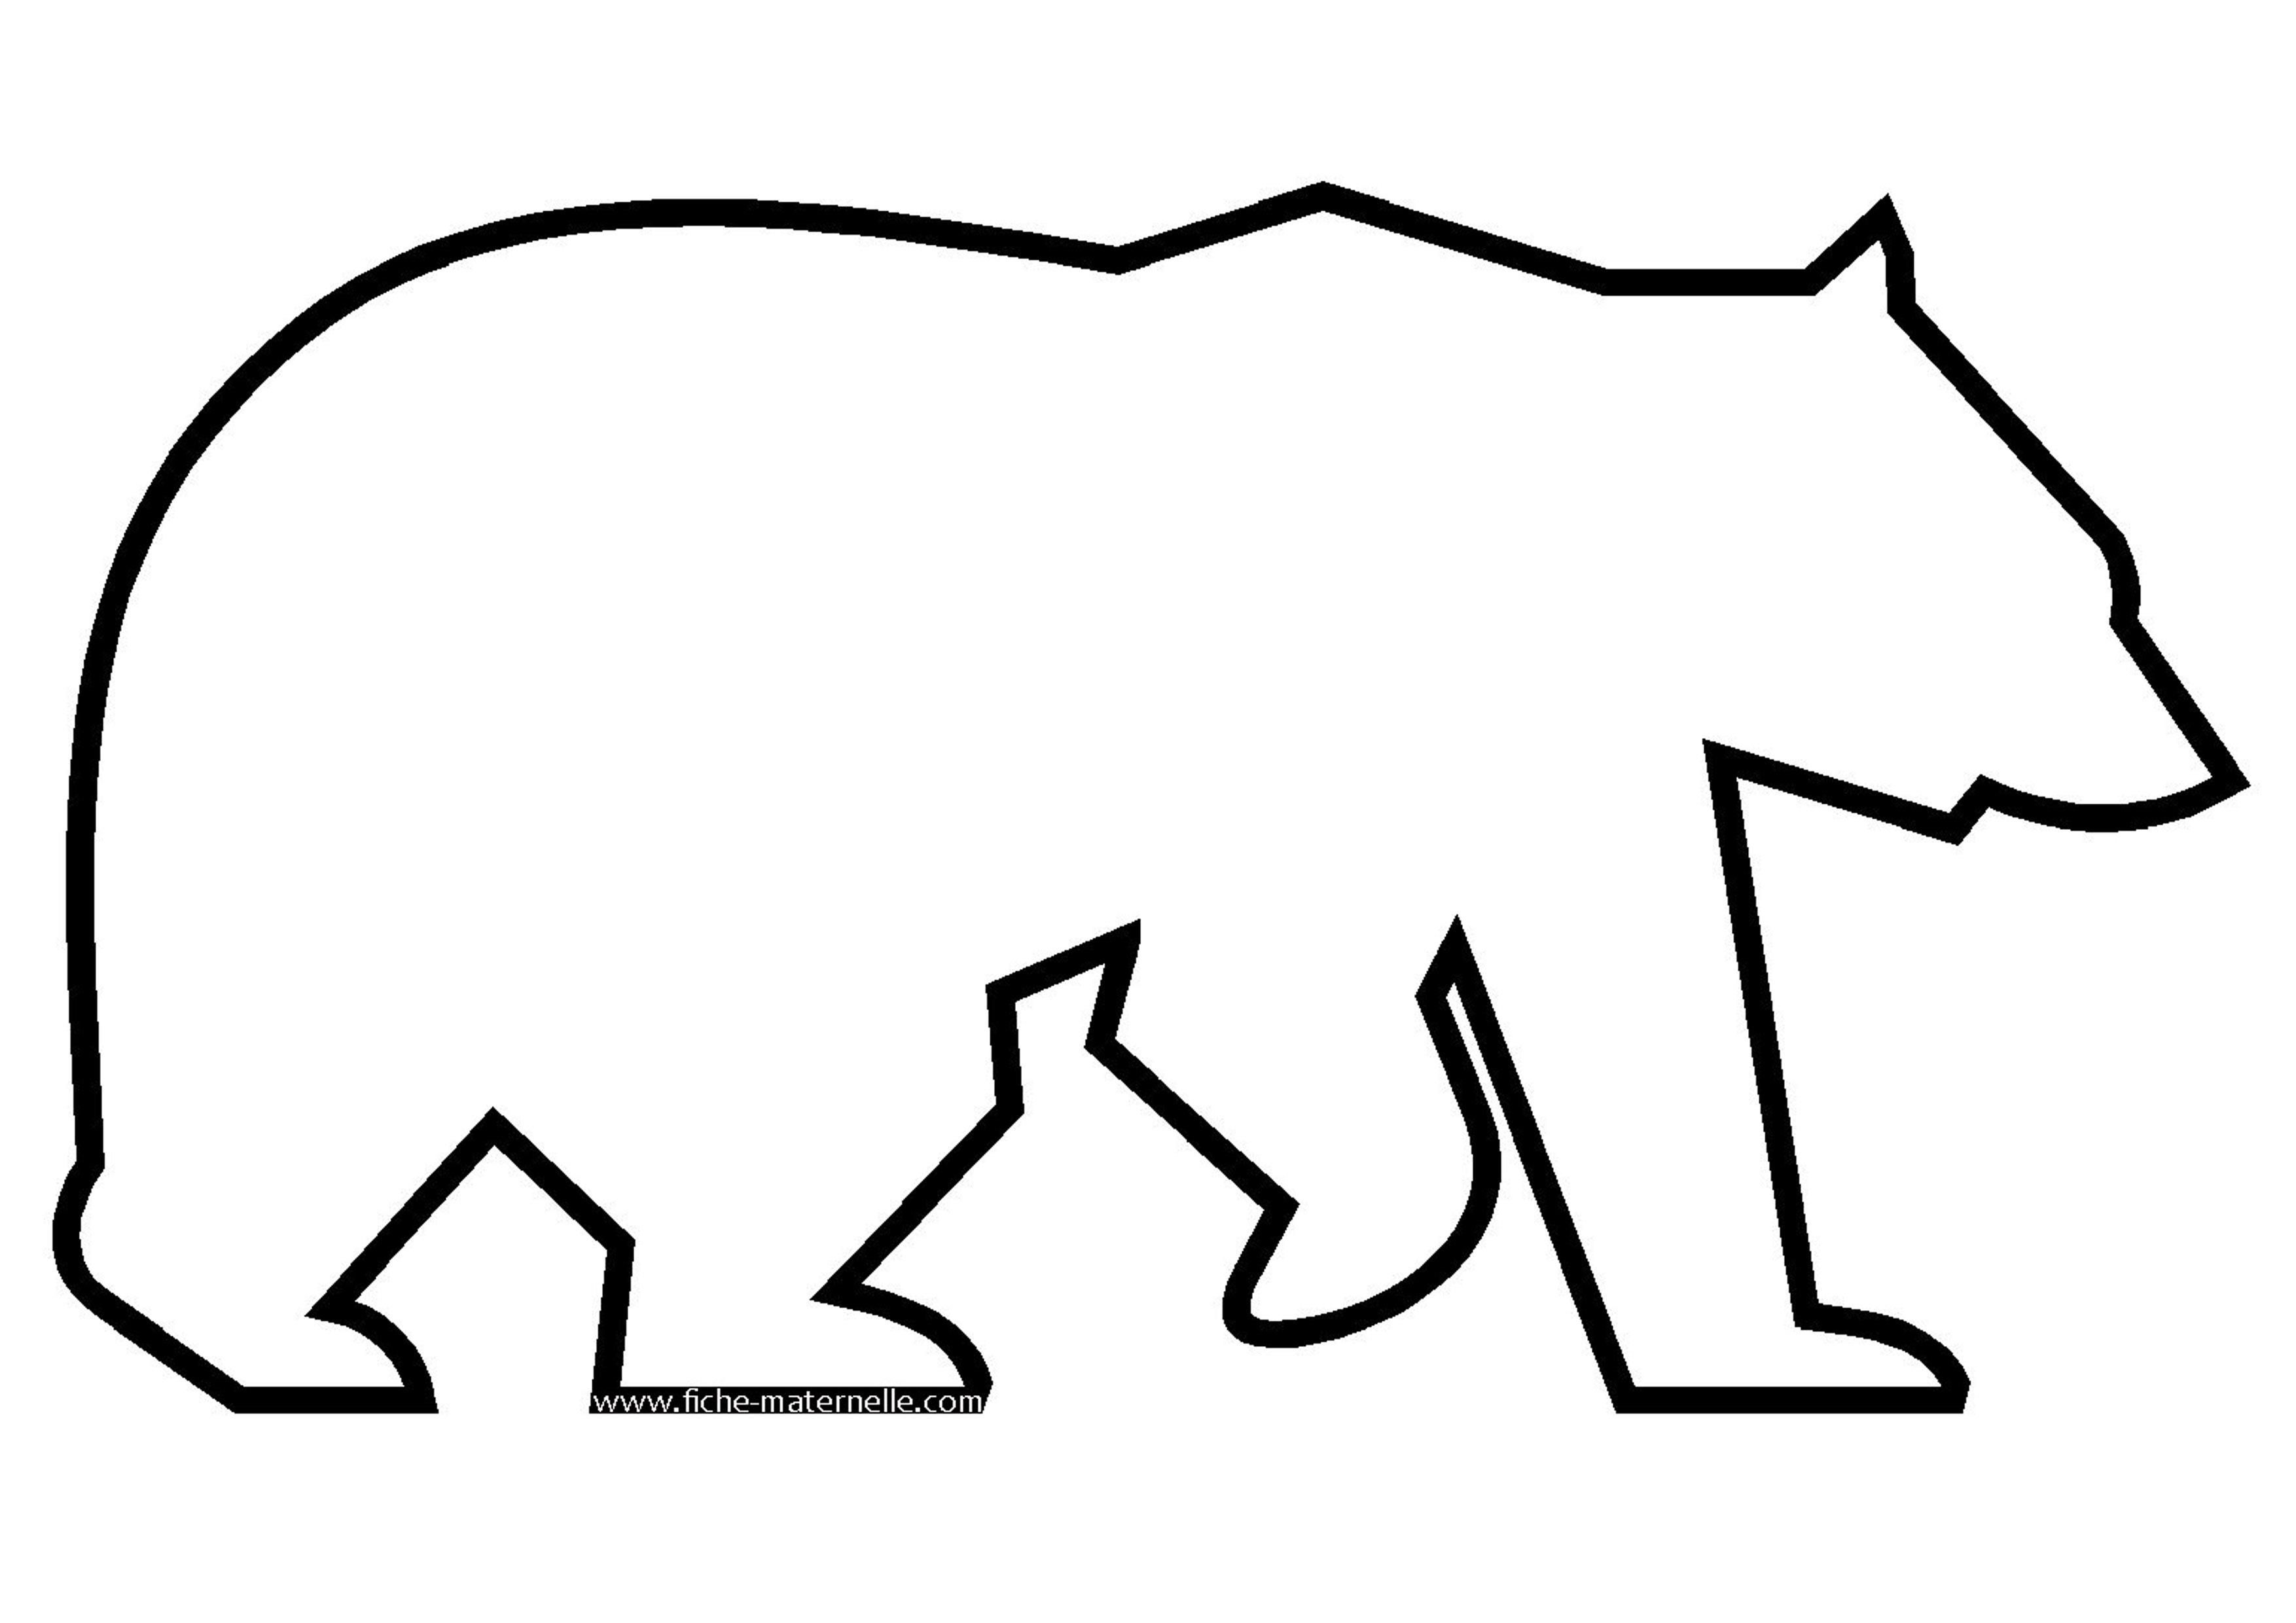 Coloriage - Dessiner un ours en maternelle ...